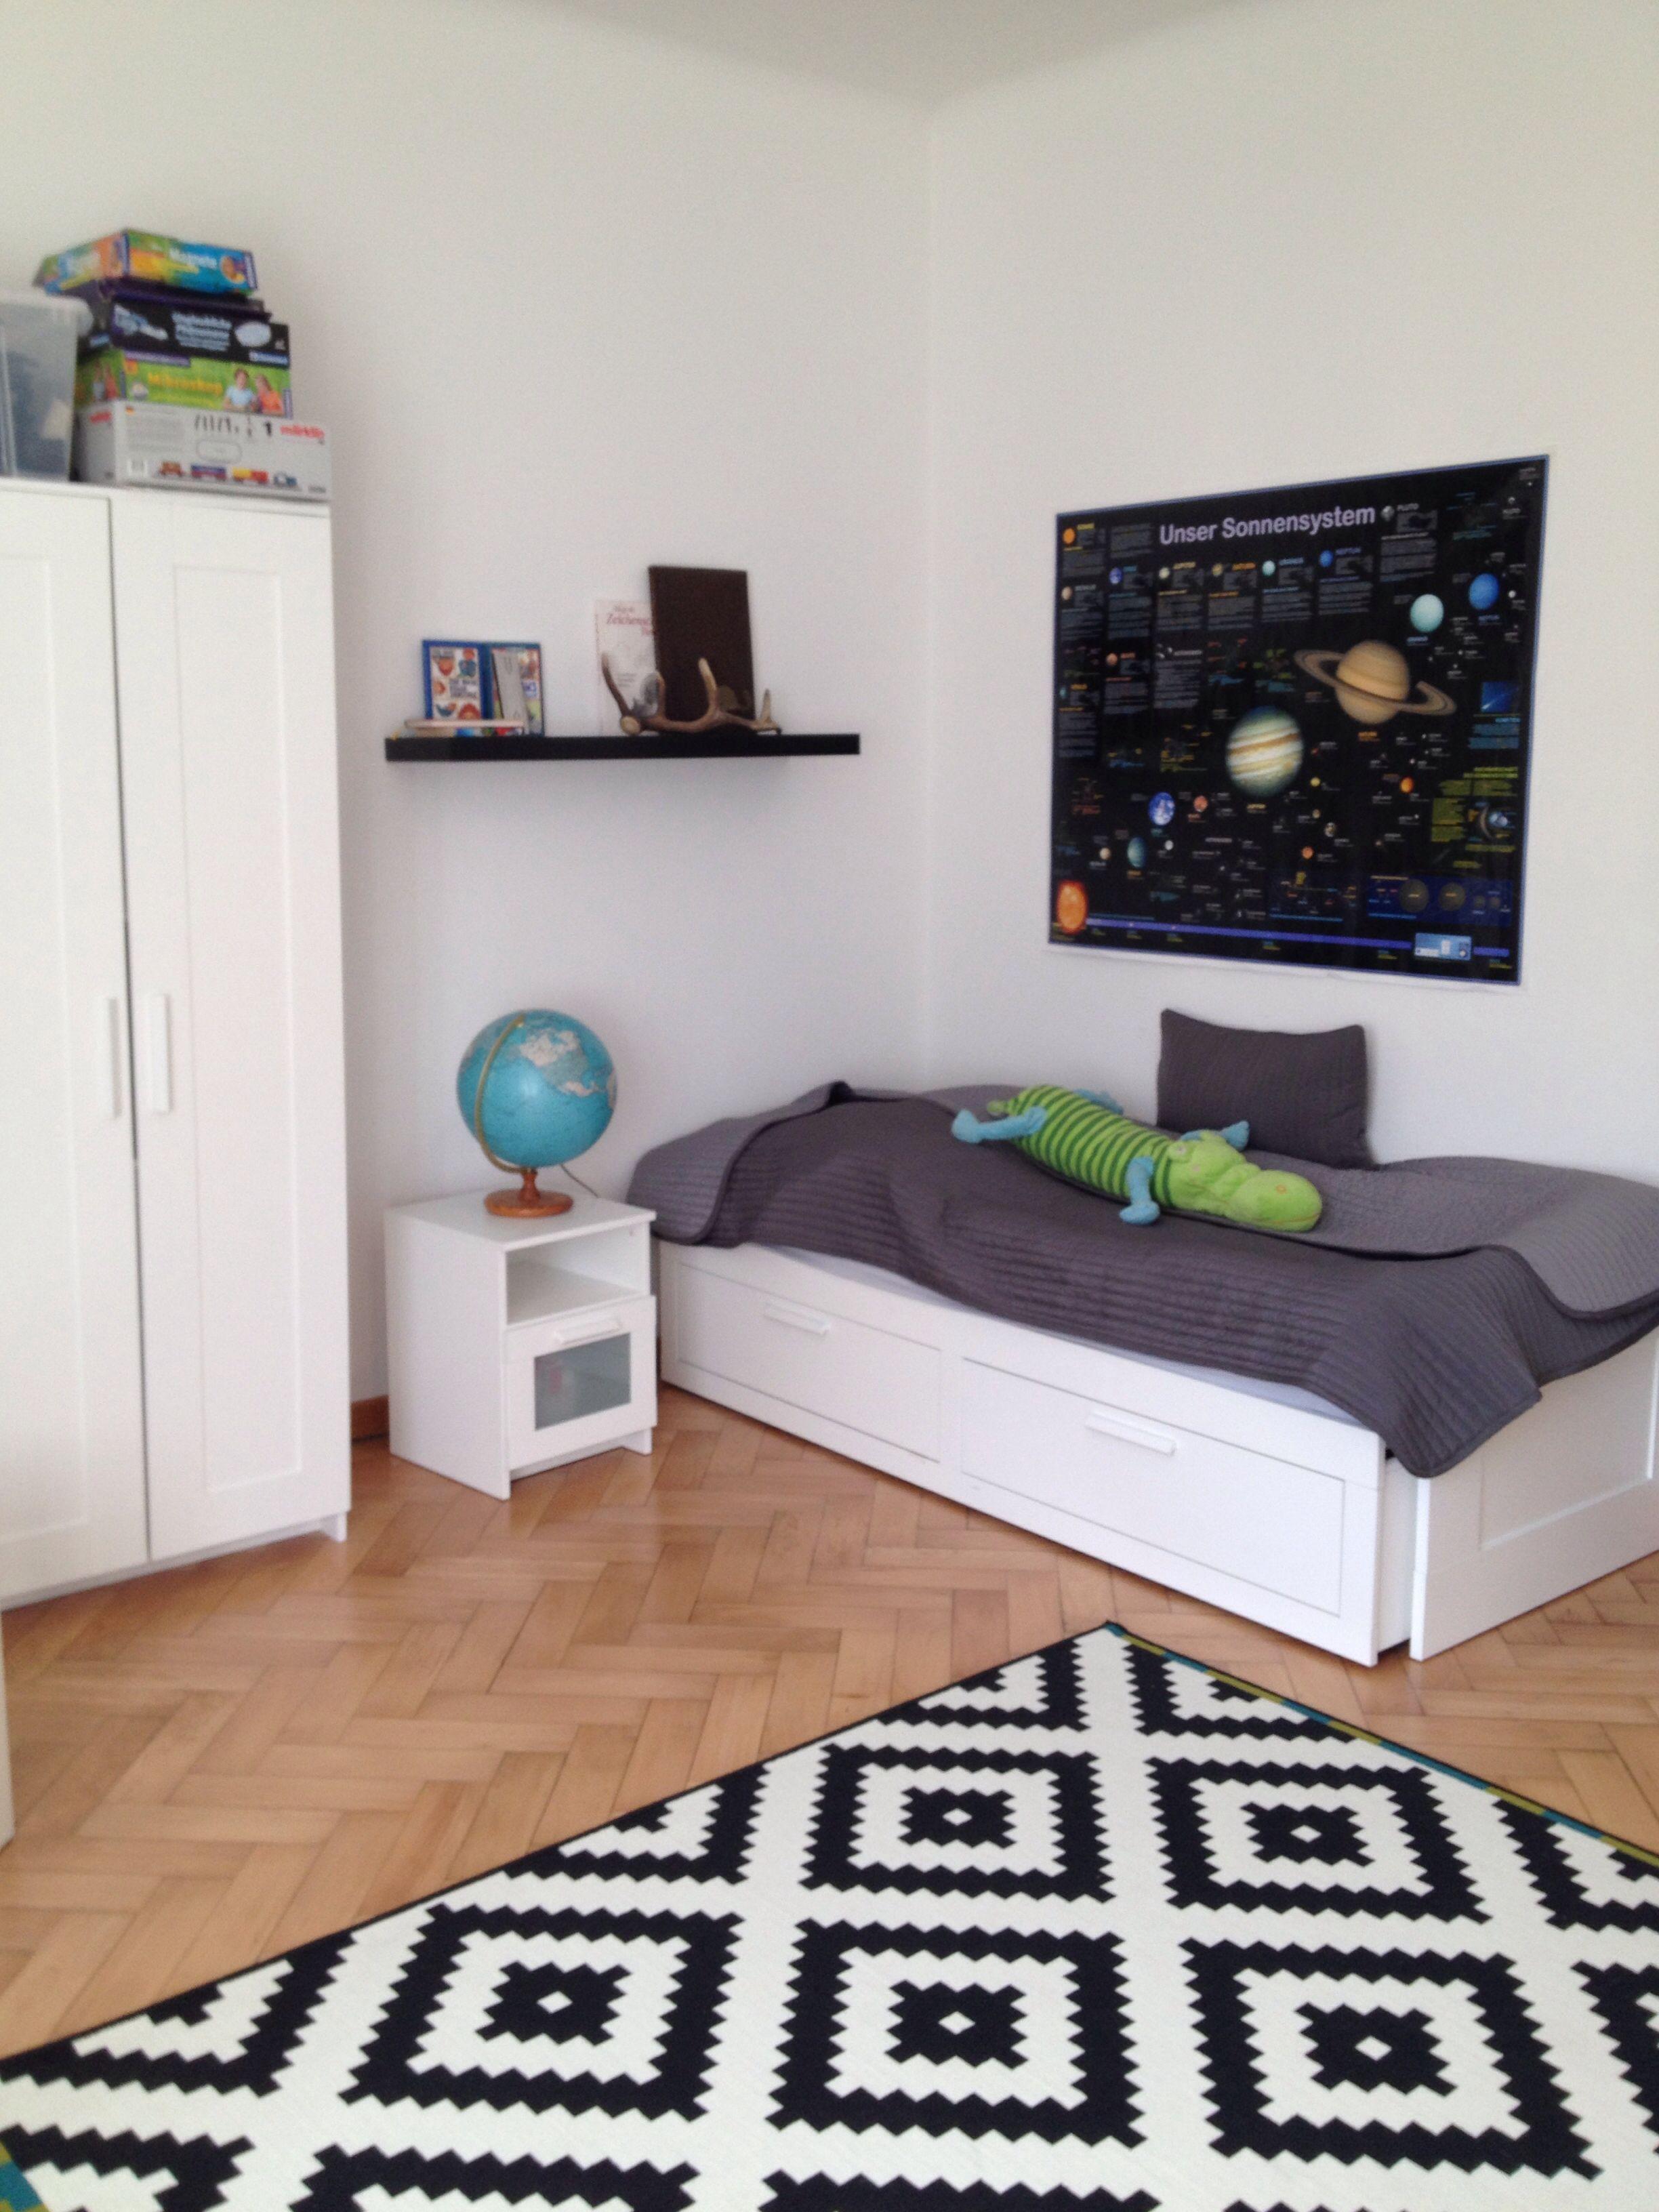 Jugendzimmer Kinderzimmer #altbau | Daheim*- Altbau Wohnung ...